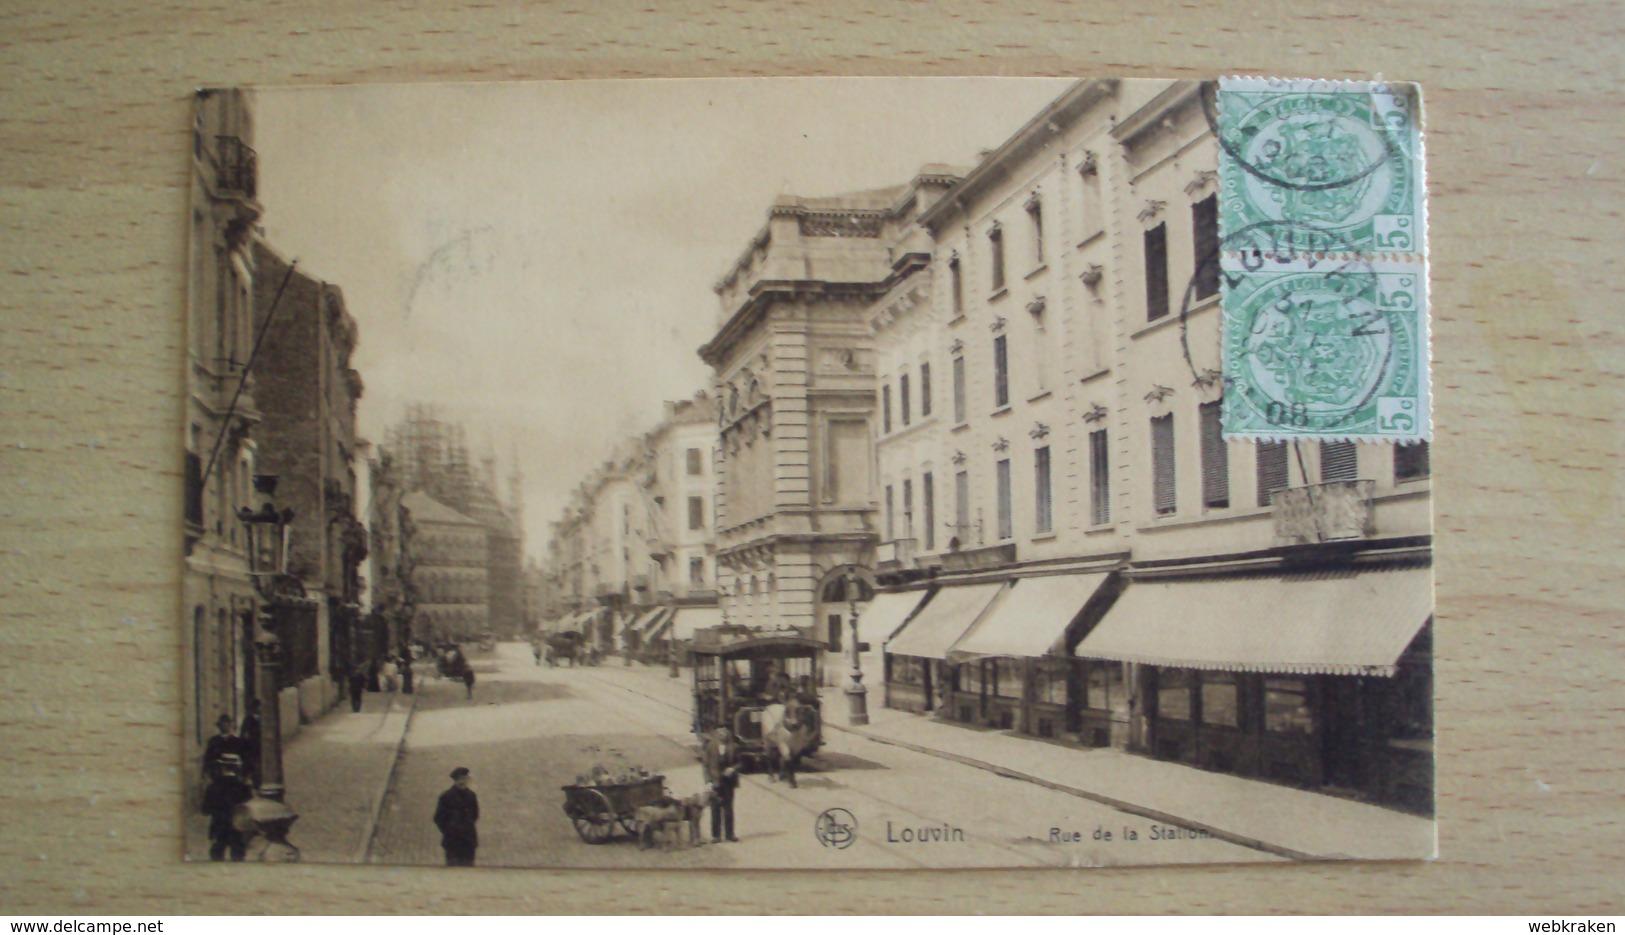 BELGIO BELGIQUE BELGE CARTE POSTALE DE LOUVIN TRAM A CAVALLI - Belgio